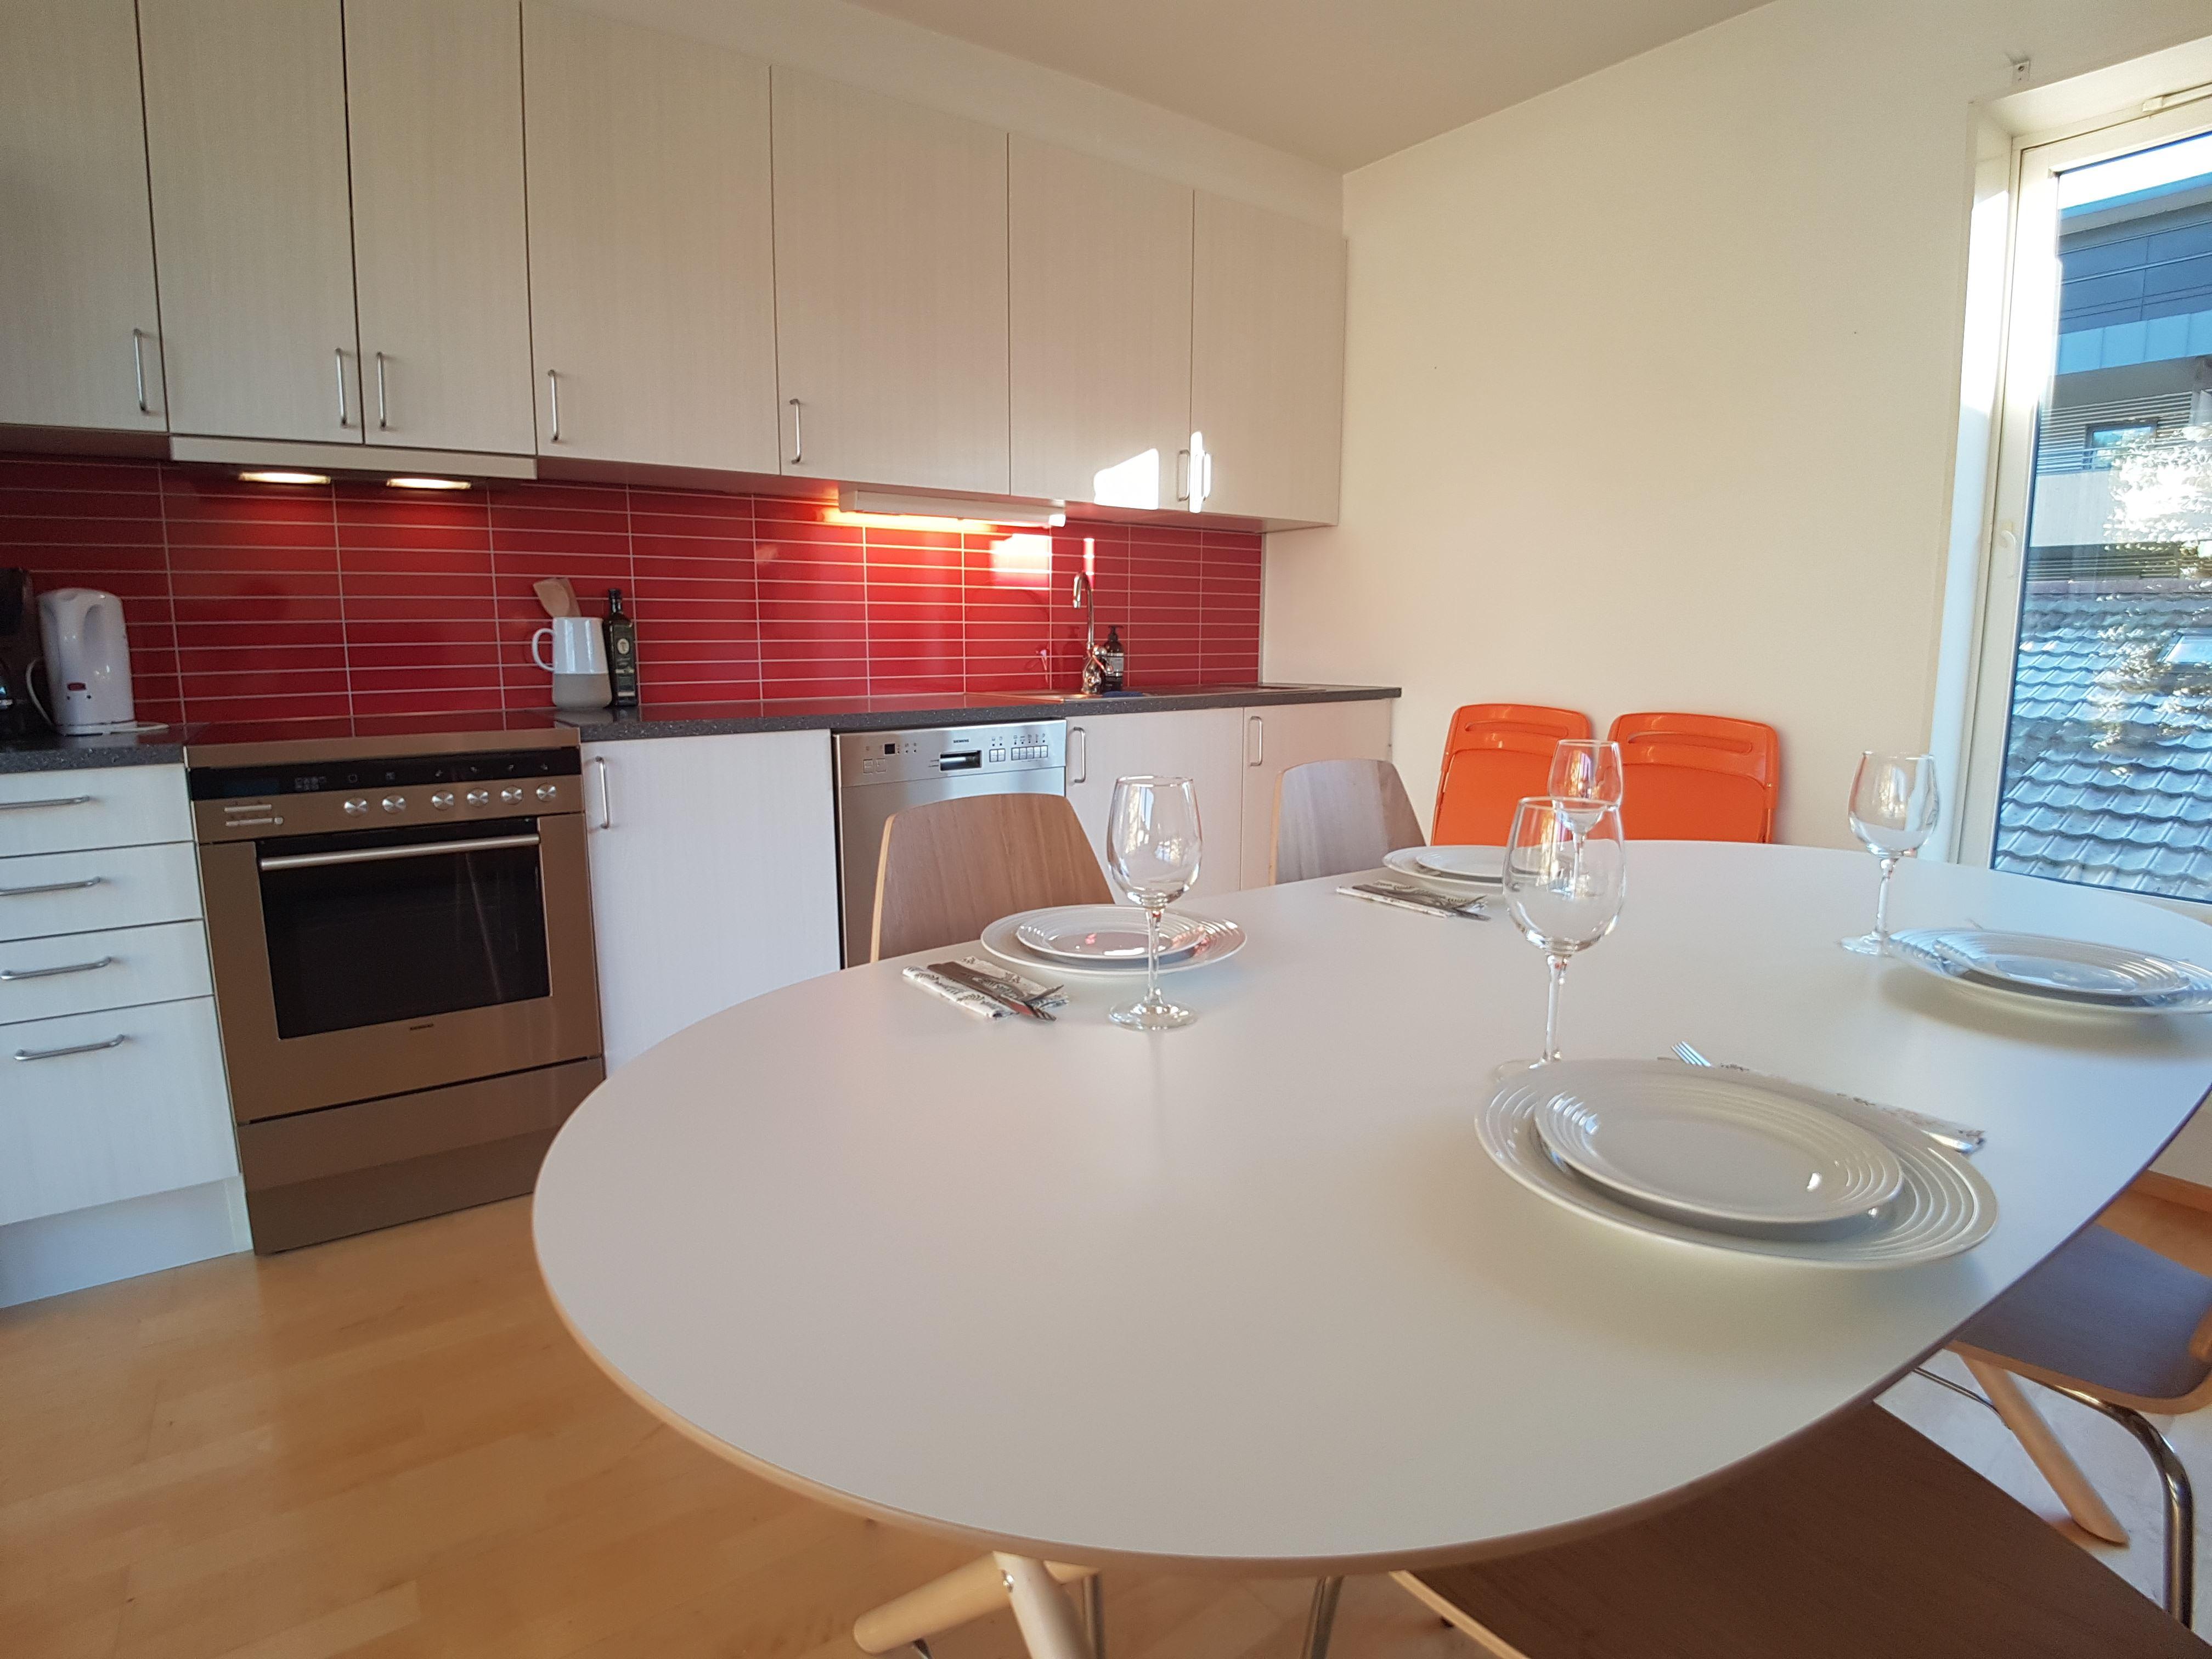 Moderne, luksuriøs leilighet - Local Living